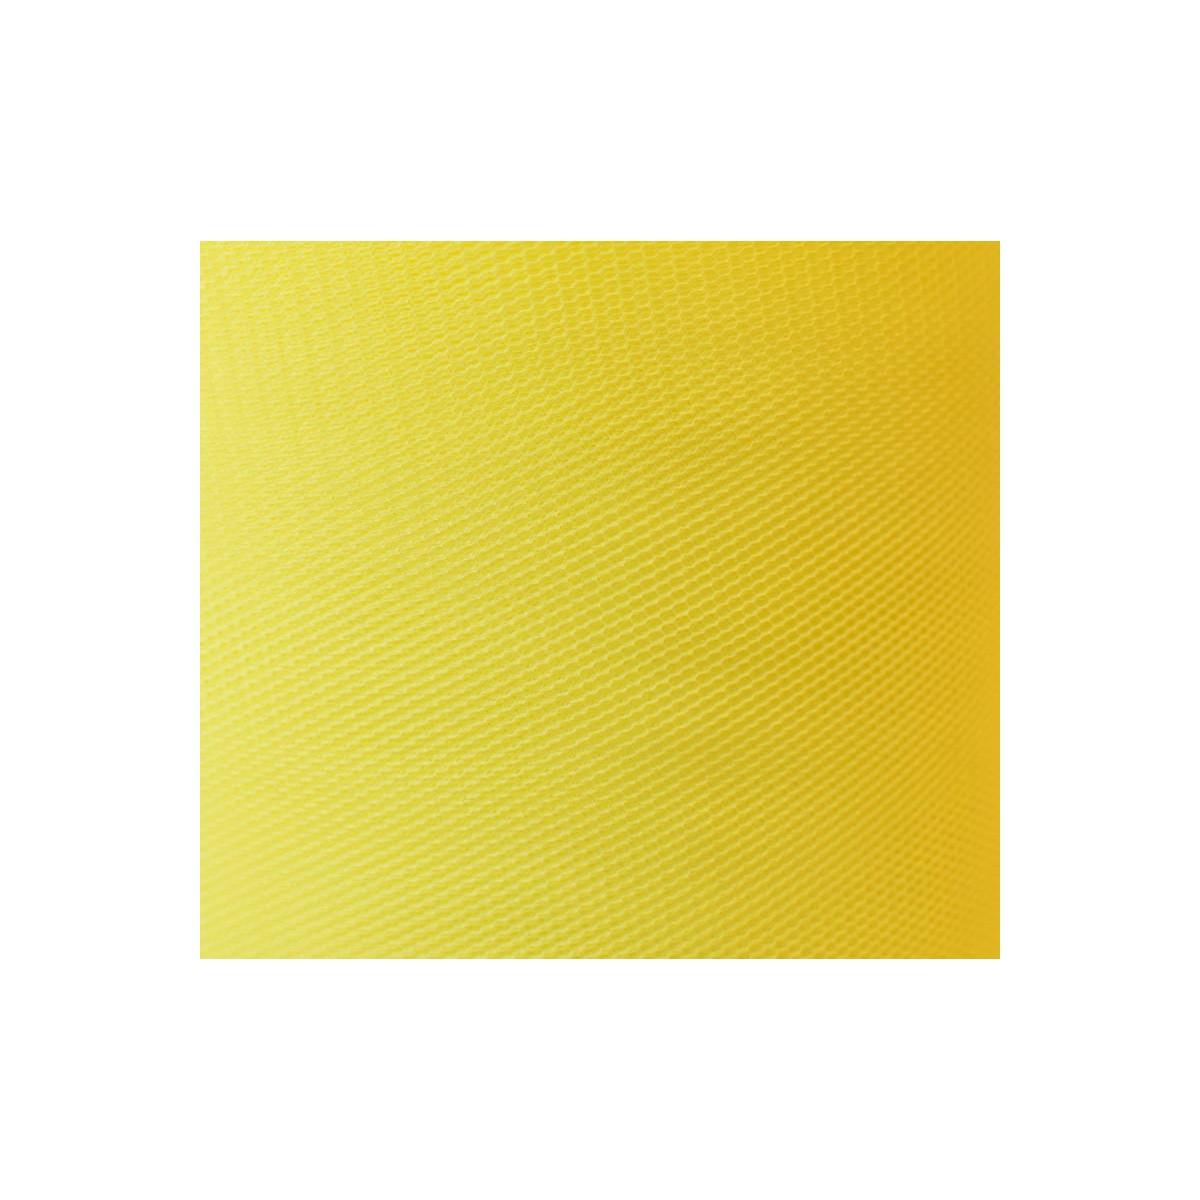 Tulle giallo dettaglio